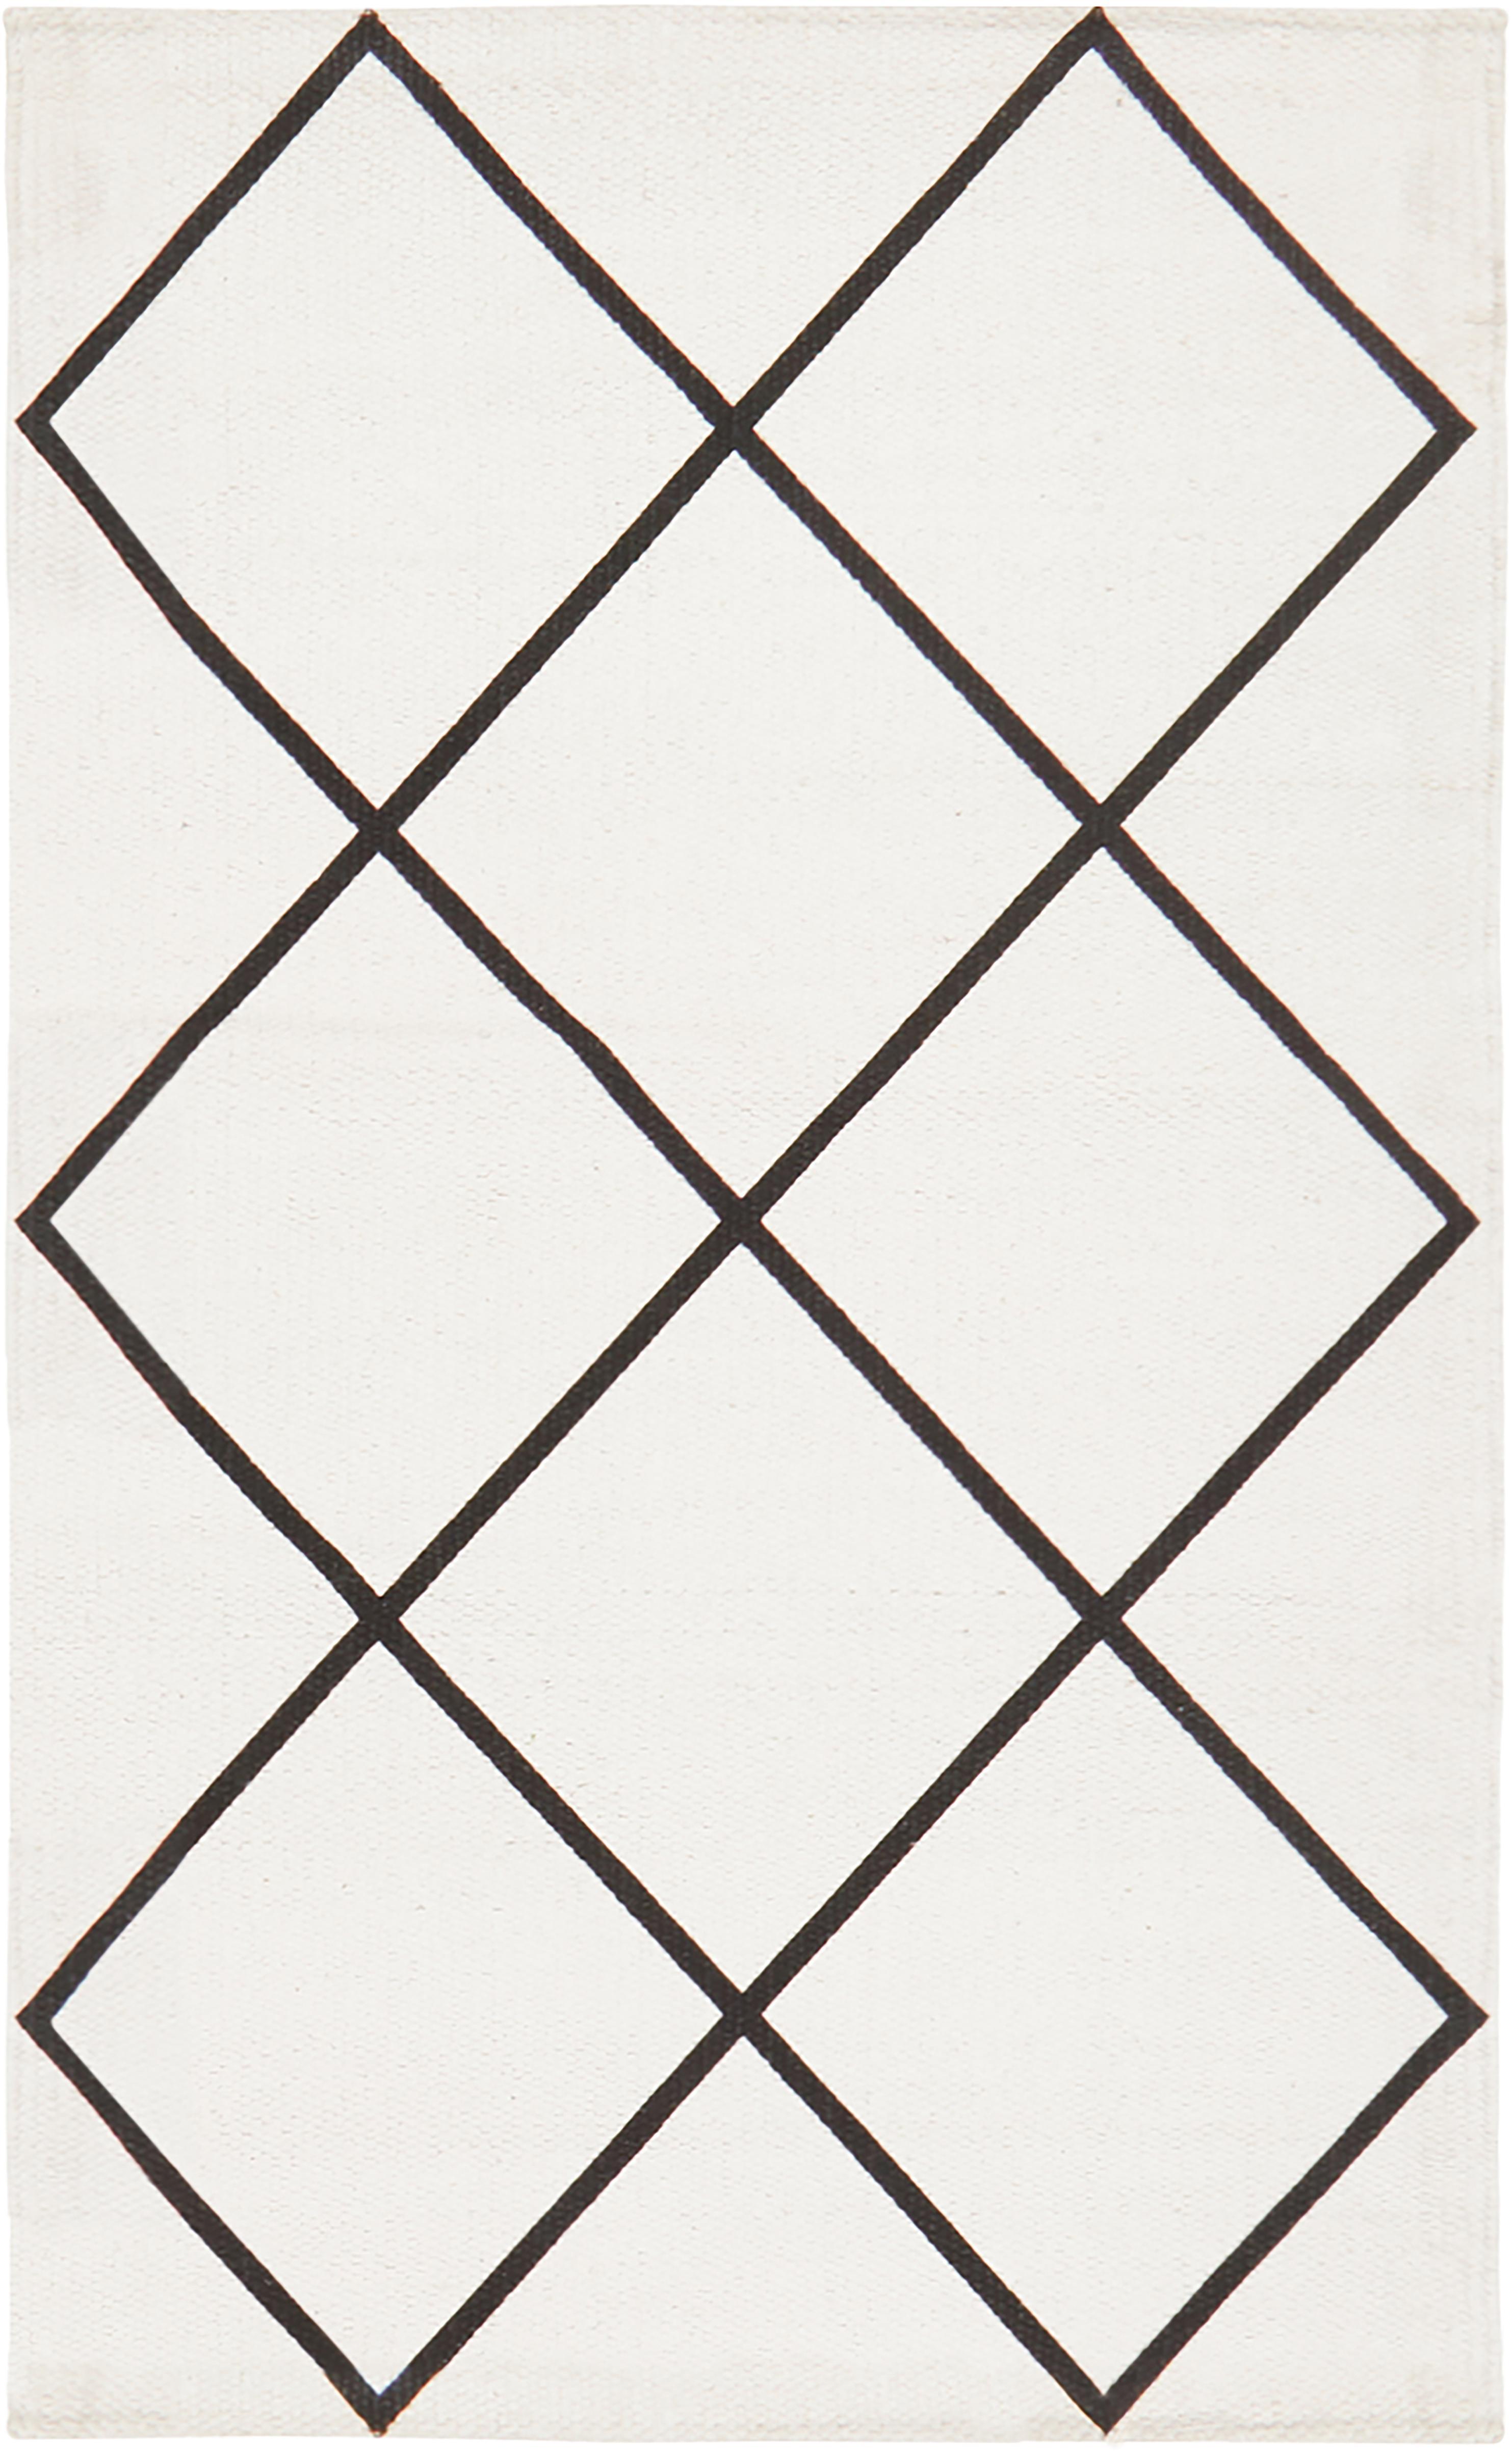 Dywan z bawełny Farah, 100% bawełna, Kremowobiały, czarny, S 50 x D 80 cm (Rozmiar XXS)